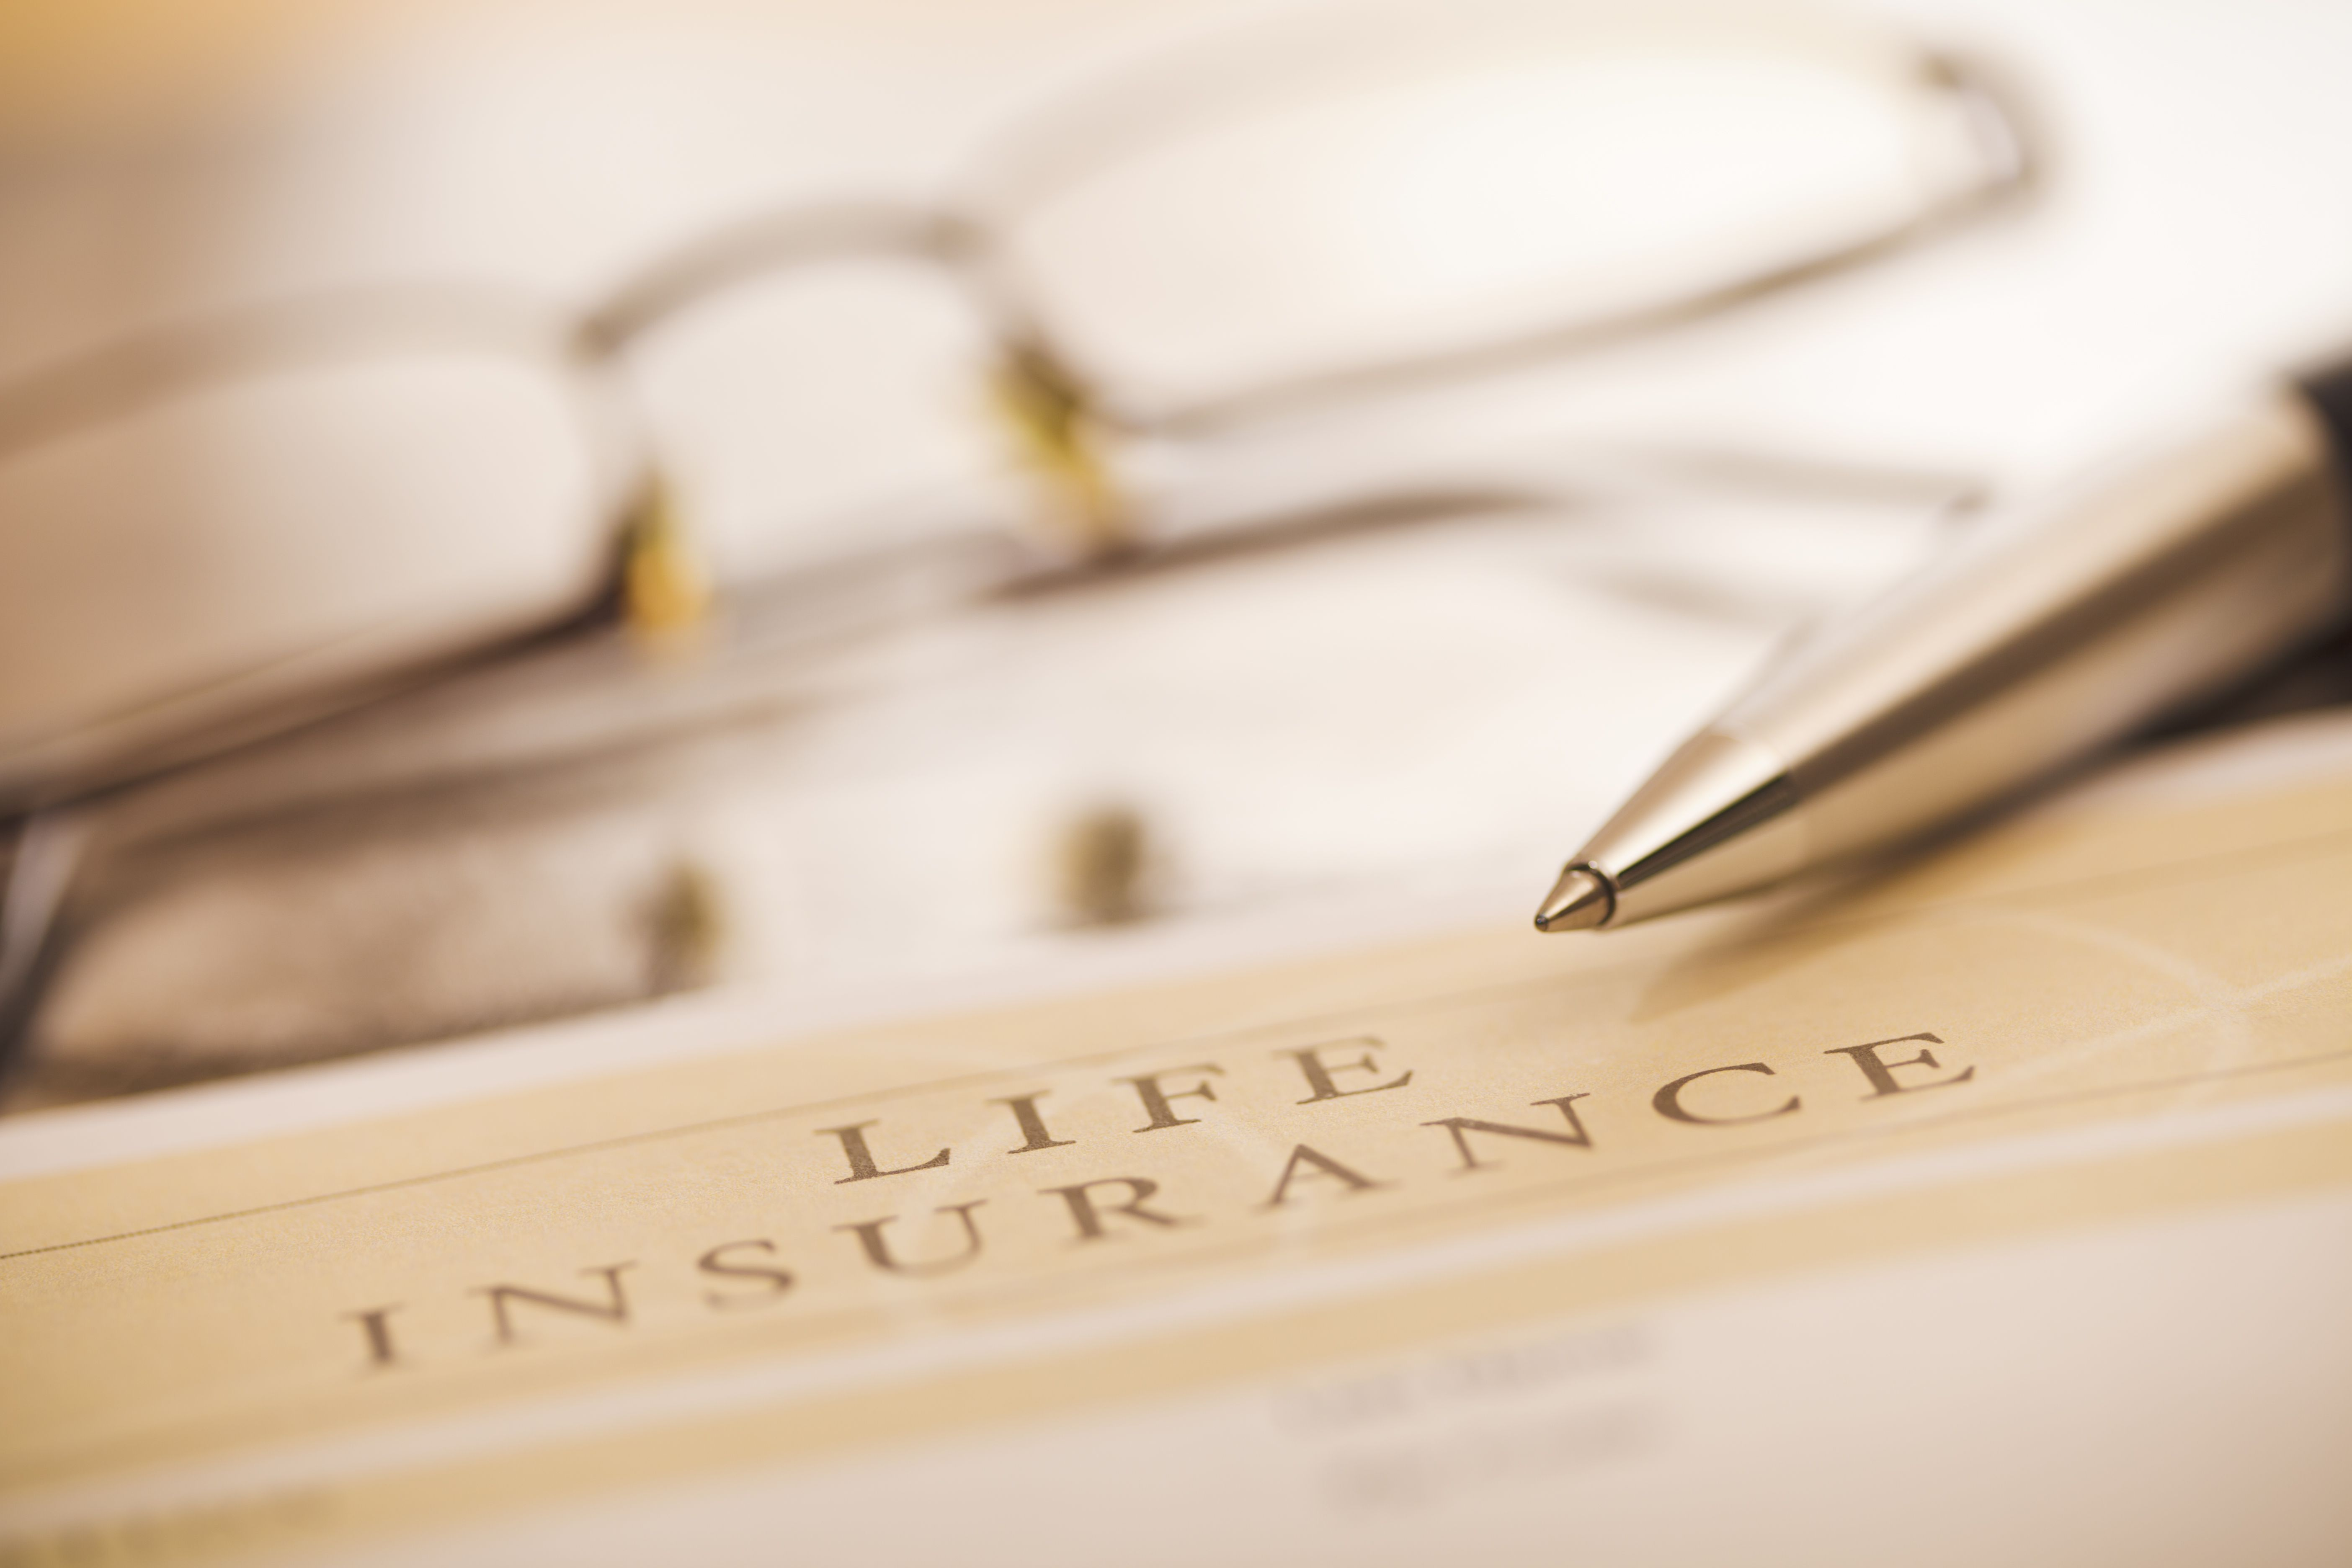 Stranger-Owned Life Insurance (STOLI) Definition